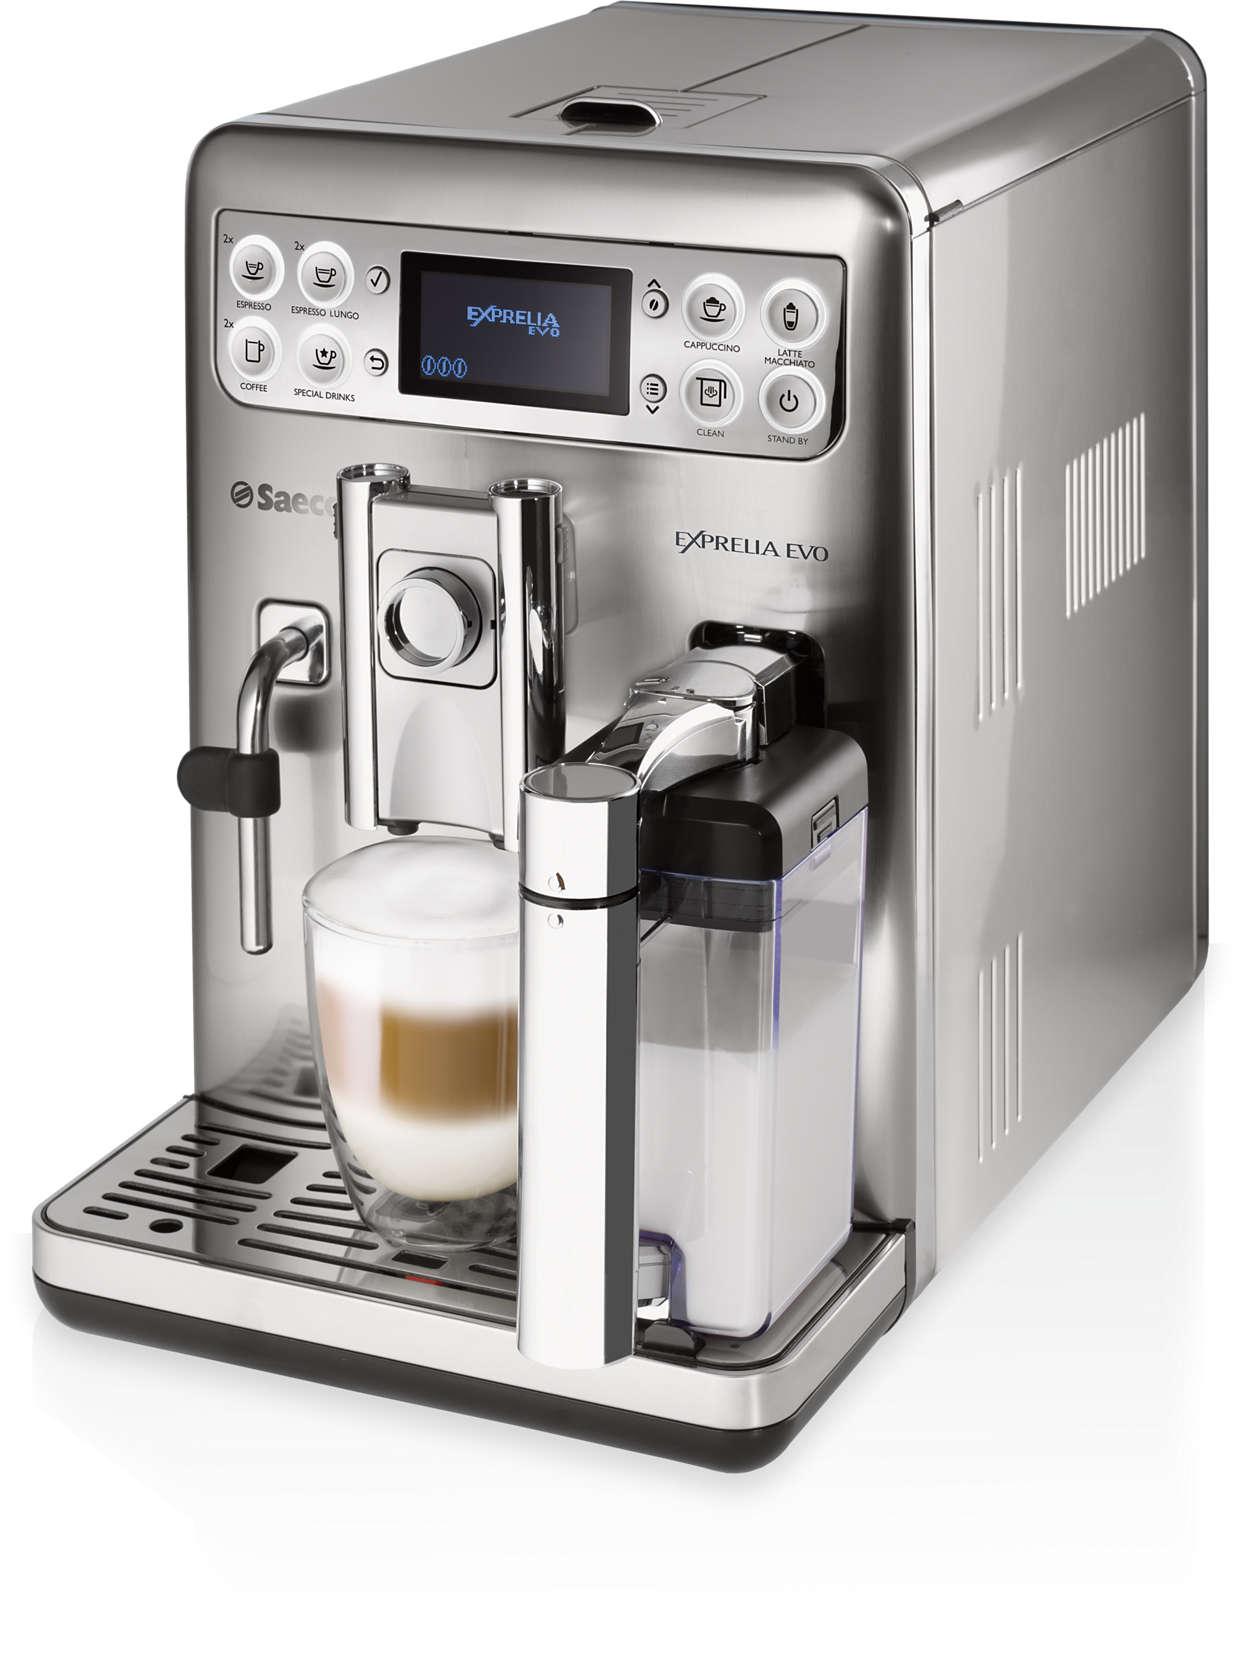 Heerlijke koffie zoals u die lekker vindt